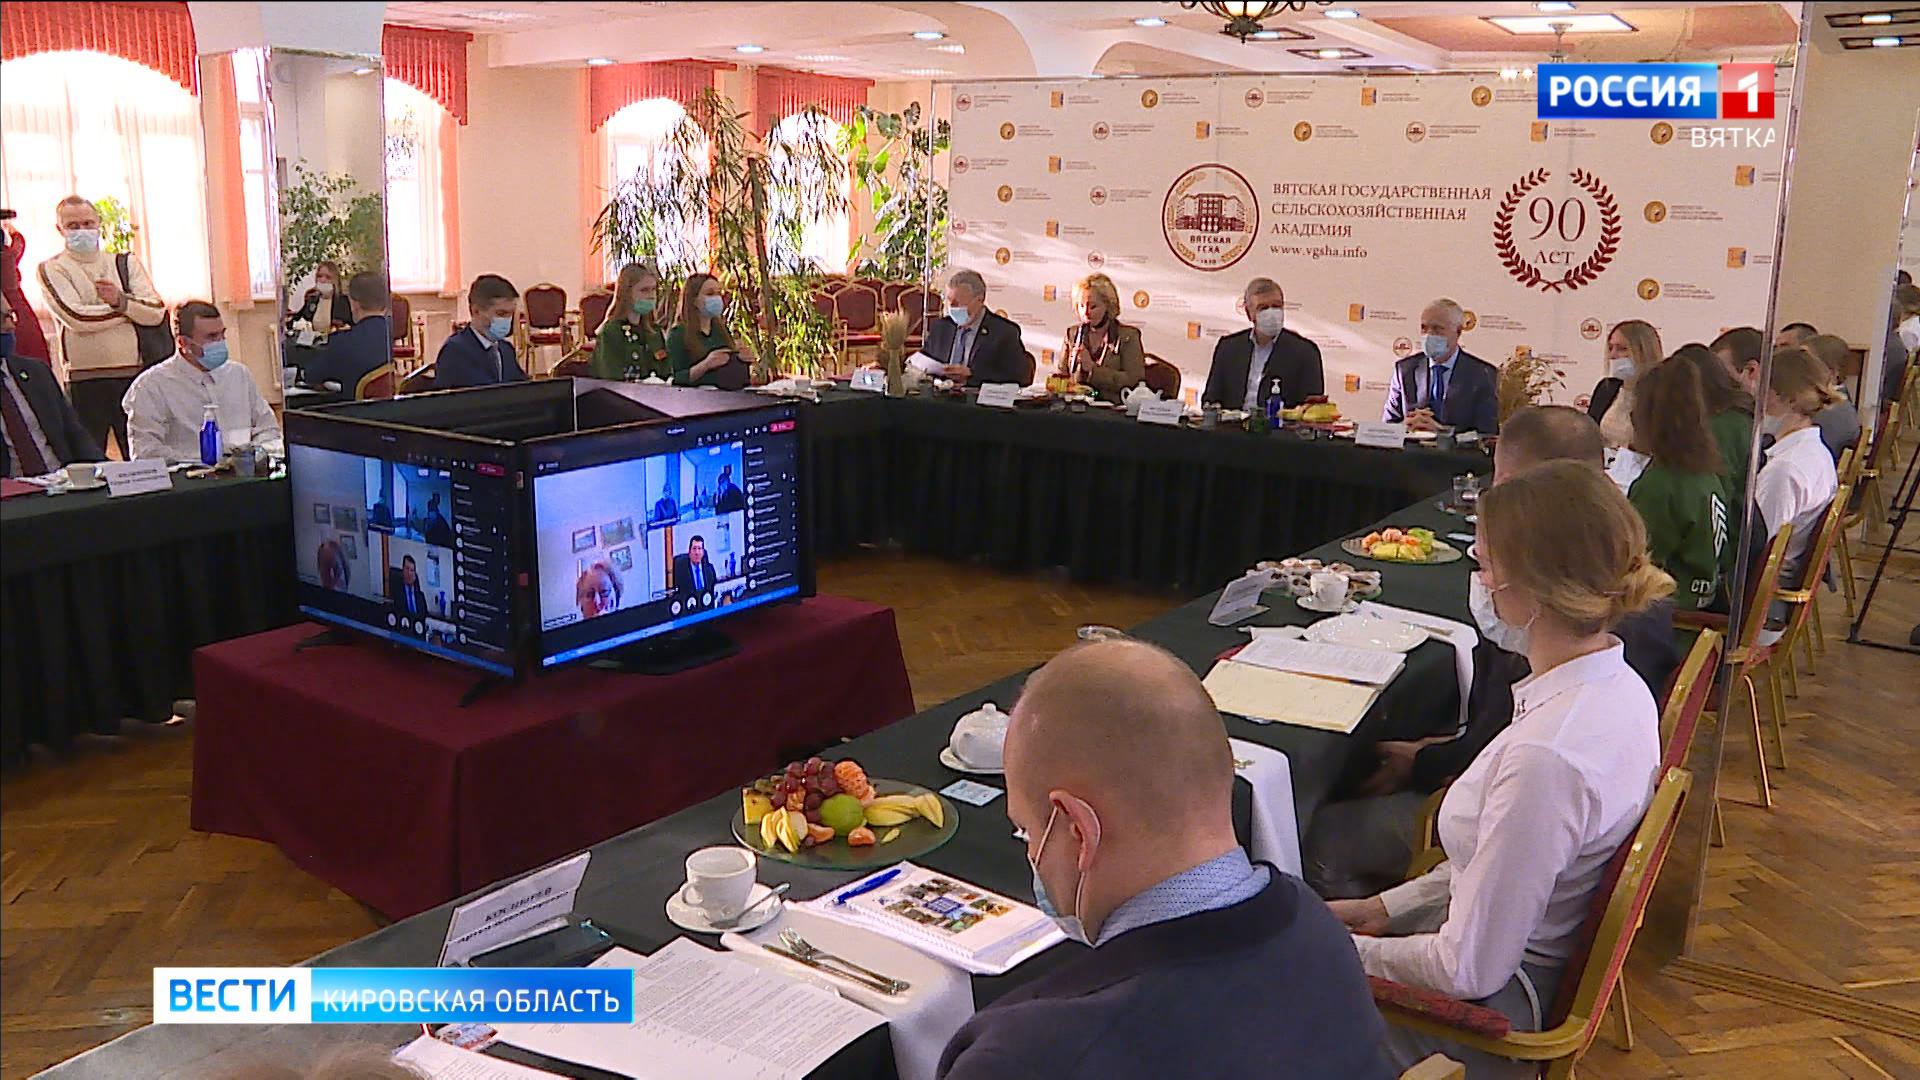 Васильев обсудил со студентами перспективы трудоустройства в аграрном хозяйстве